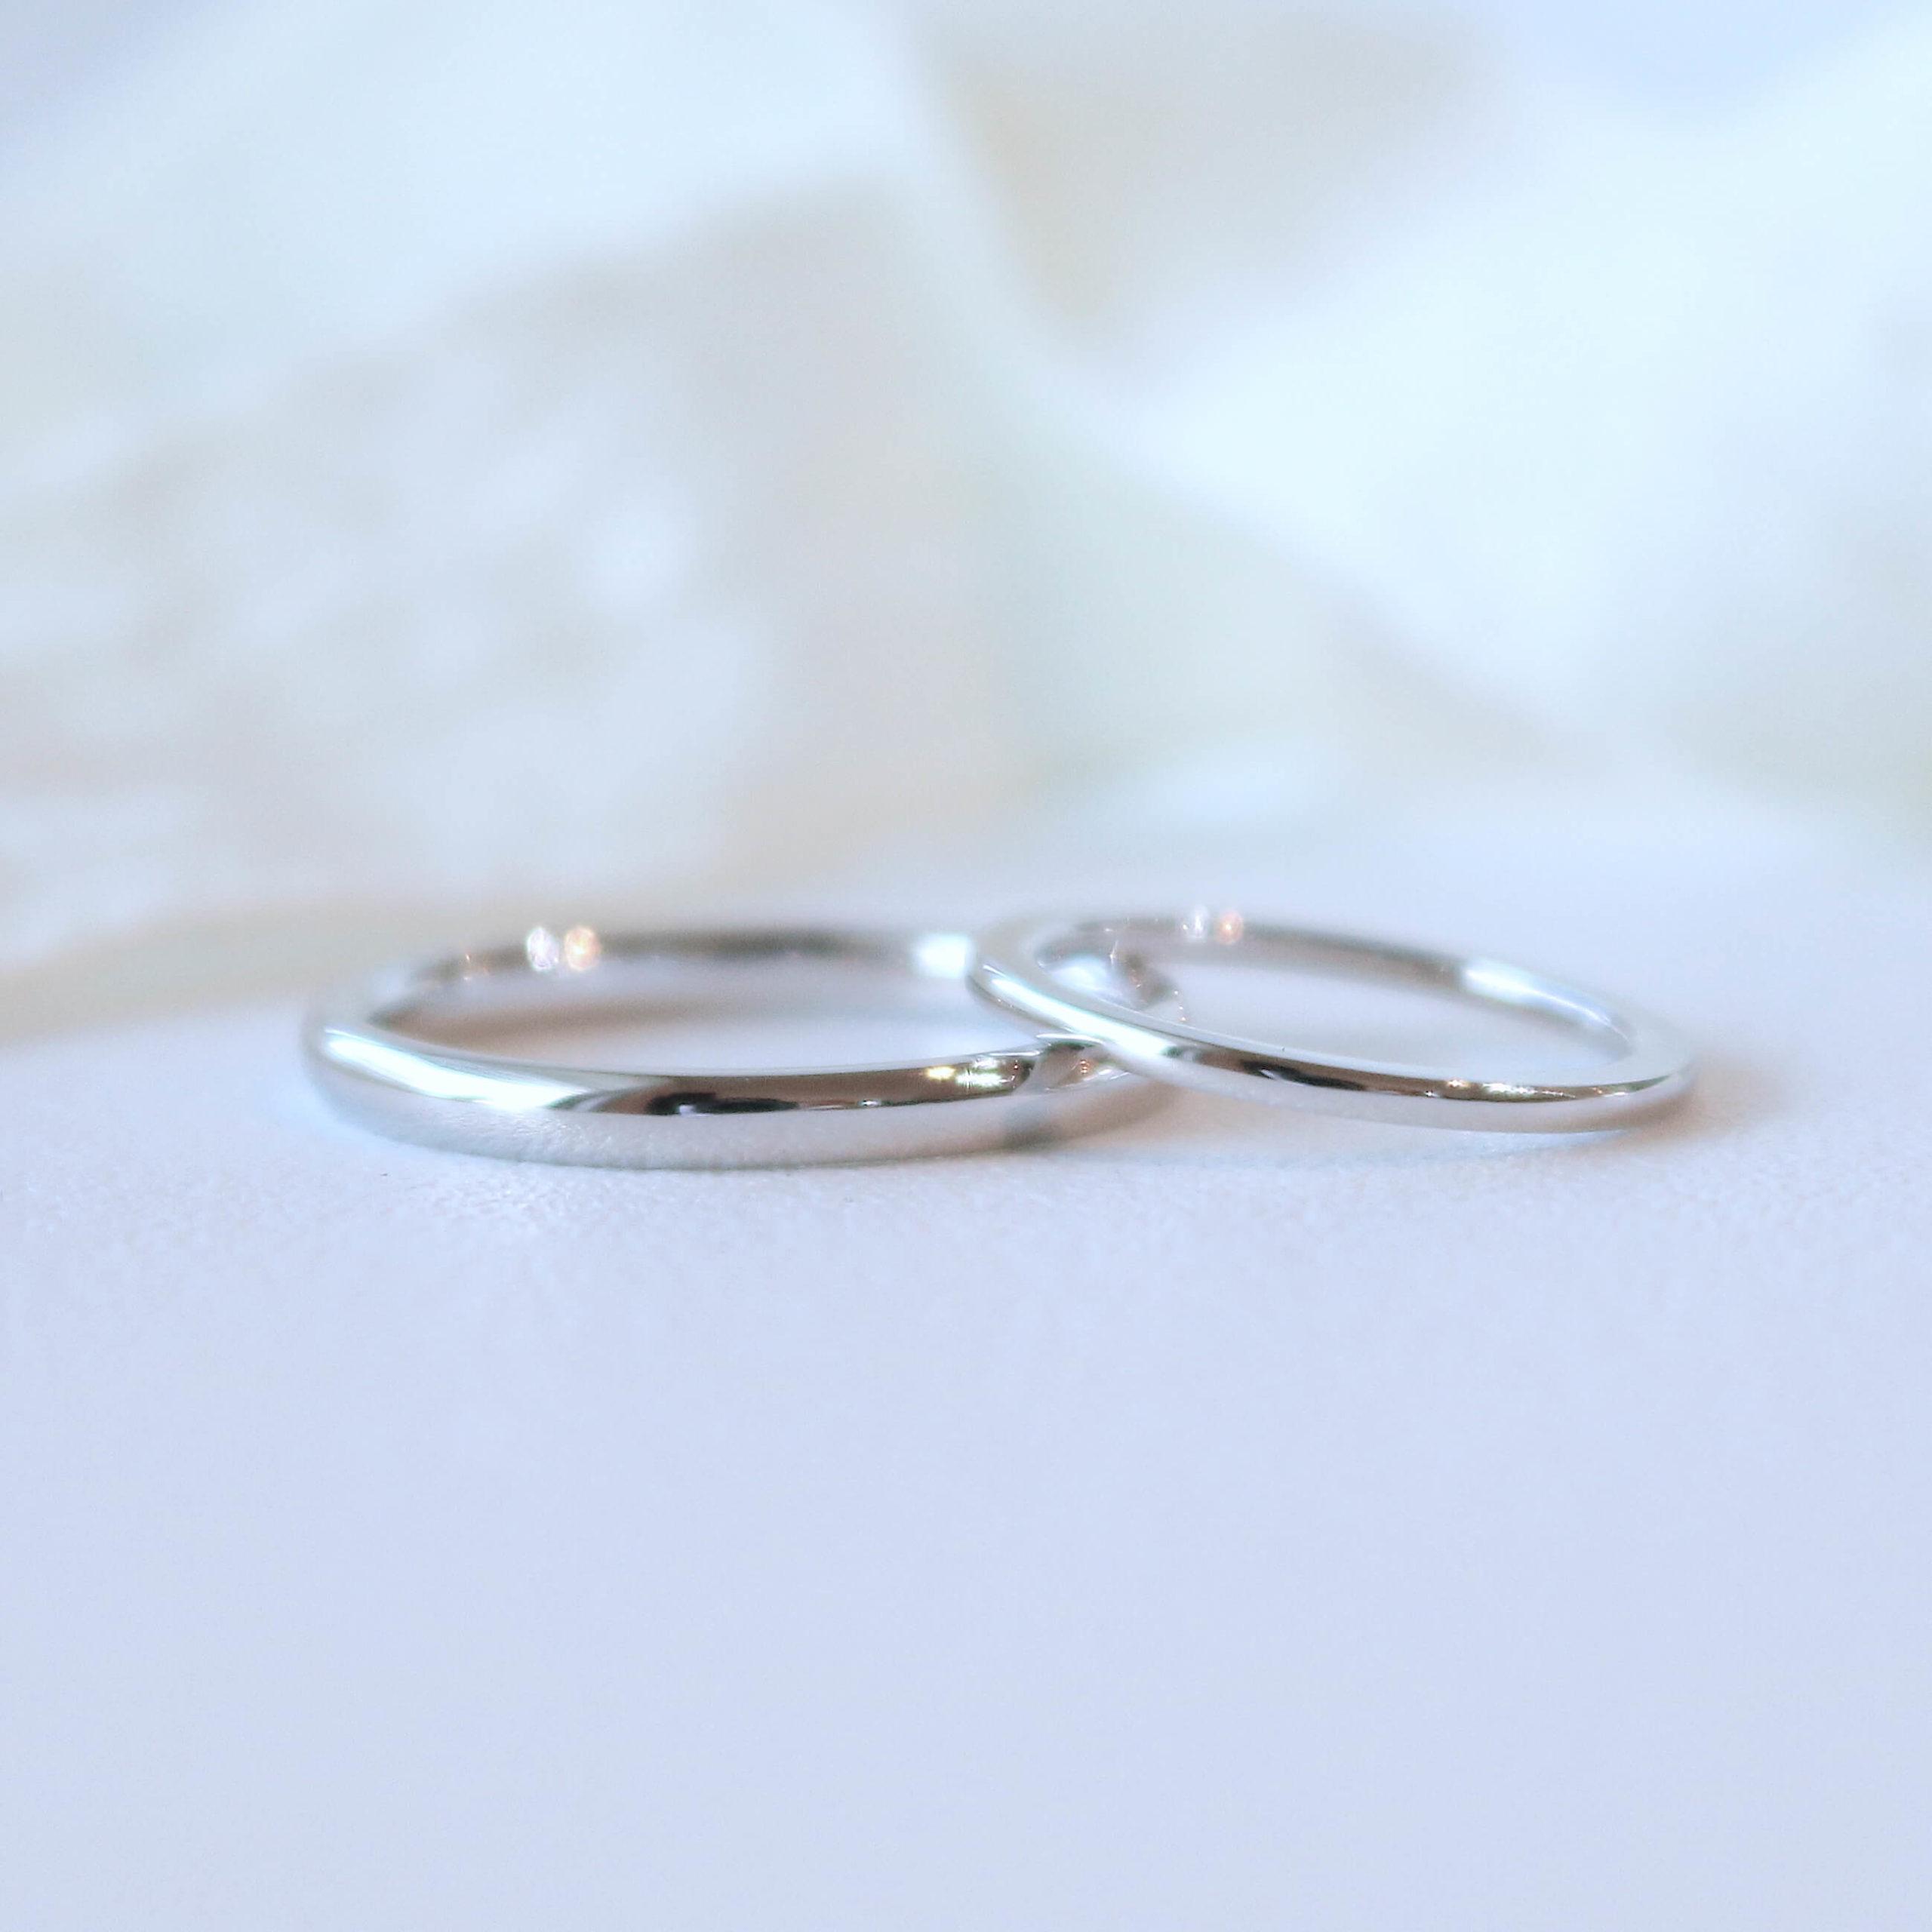 幅の細さとお揃い感にこだわったシンプルな結婚指輪